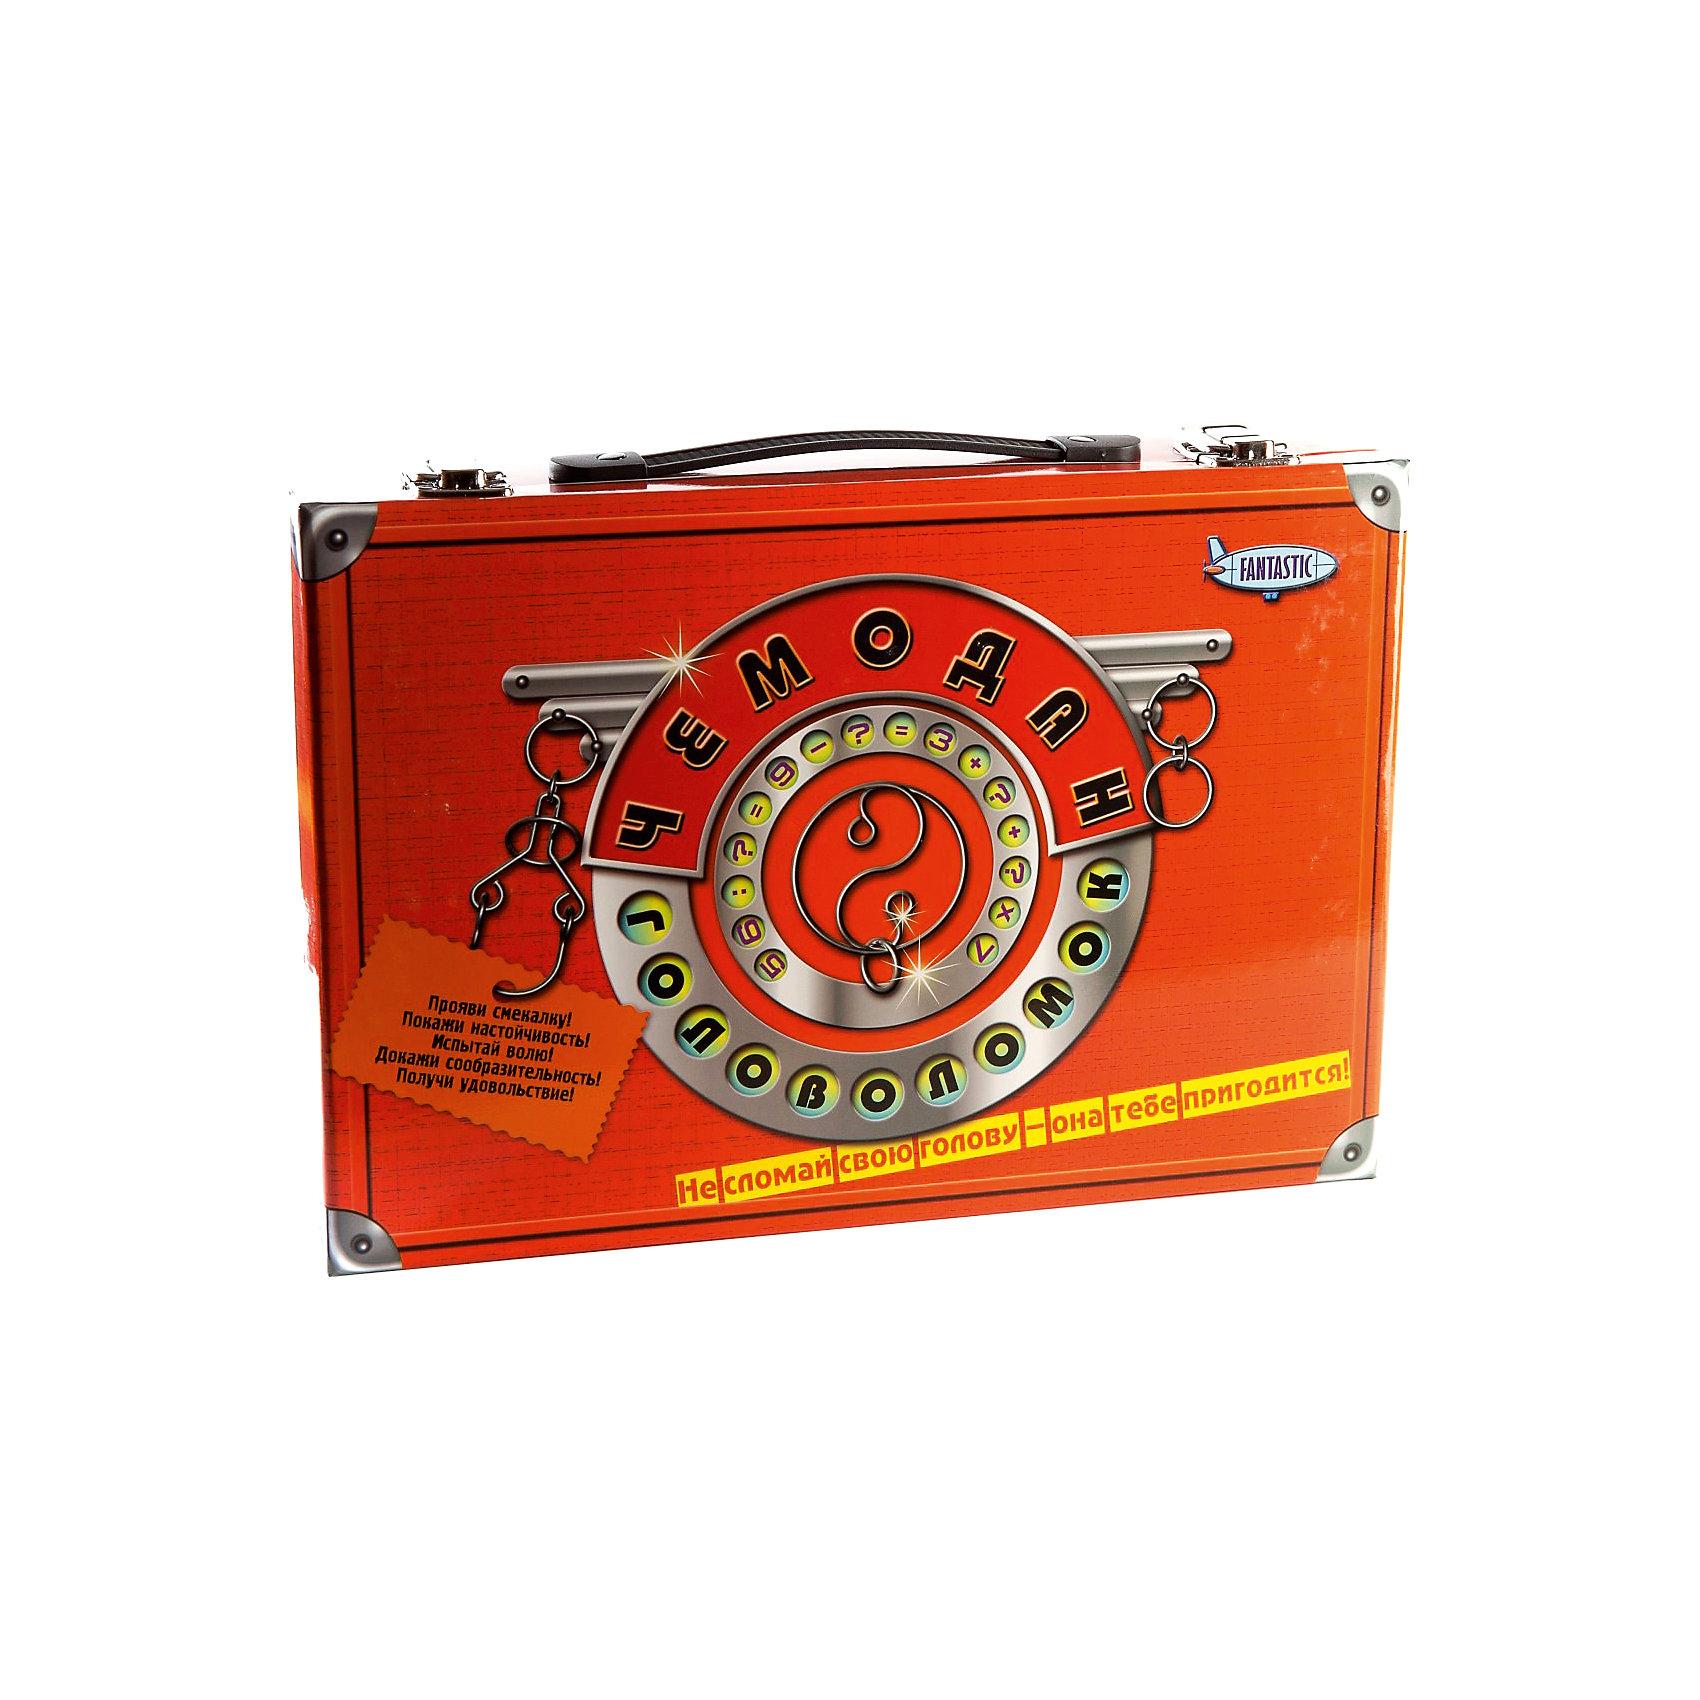 Чемодан головоломок, FantasticЖелезные головоломки<br>Характеристики:<br><br>• возраст: от 5 лет;<br>• материал: картон, пластик, металл, дерево;<br>• размер упаковки: 33х23х7 см;<br>• вес: 880 г;<br>• тип упаковки: пластиковый чемодан с ручкой.<br><br>Большой набор головоломок, упакованных в подарочный чемоданчик, понравится маленьким исследователям. Игра подходит для мальчиков и девочек. Головоломки отличаются по сложности и способу складывания. <br><br>В компект входит:<br><br>• 2 книги;<br>• 5 металлических головоломок (2 деревянные, 2 с веревками и 1 с шариками); <br>• 8 открыток-пазлов;<br>• блокнот с играми;<br>• карандаш;<br>• песочные часы.<br><br>«Чемодан головоломок», Fantastic можно приобрести в нашем интернет-магазине.<br><br>Ширина мм: 62<br>Глубина мм: 325<br>Высота мм: 222<br>Вес г: 880<br>Возраст от месяцев: 36<br>Возраст до месяцев: 2147483647<br>Пол: Унисекс<br>Возраст: Детский<br>SKU: 7025975